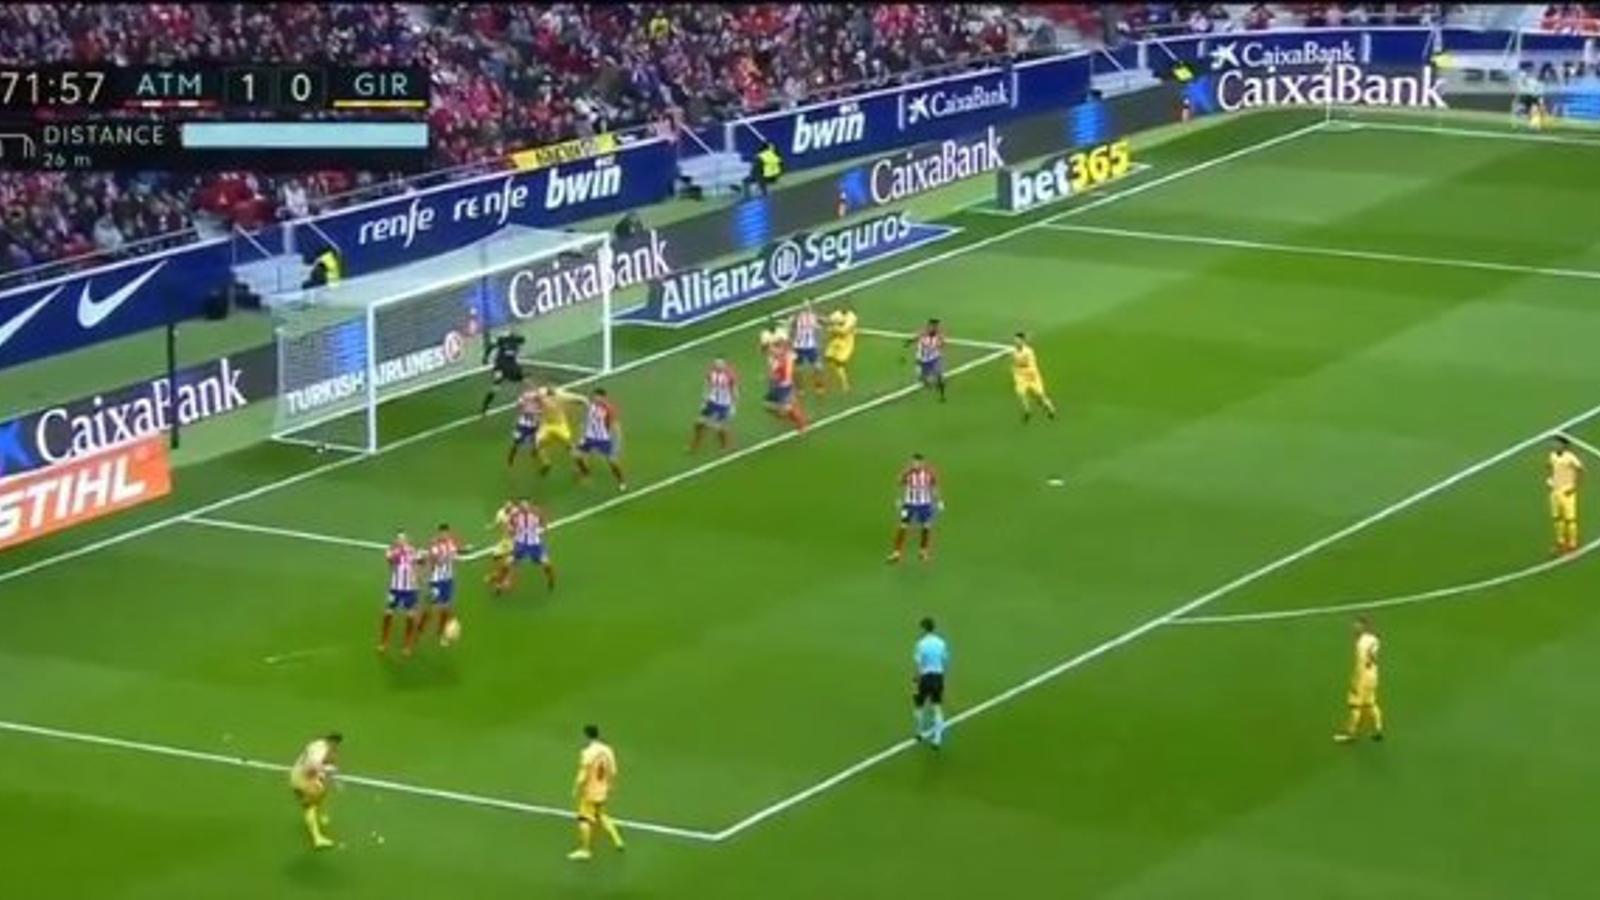 Quan un gol et defineix l'essència